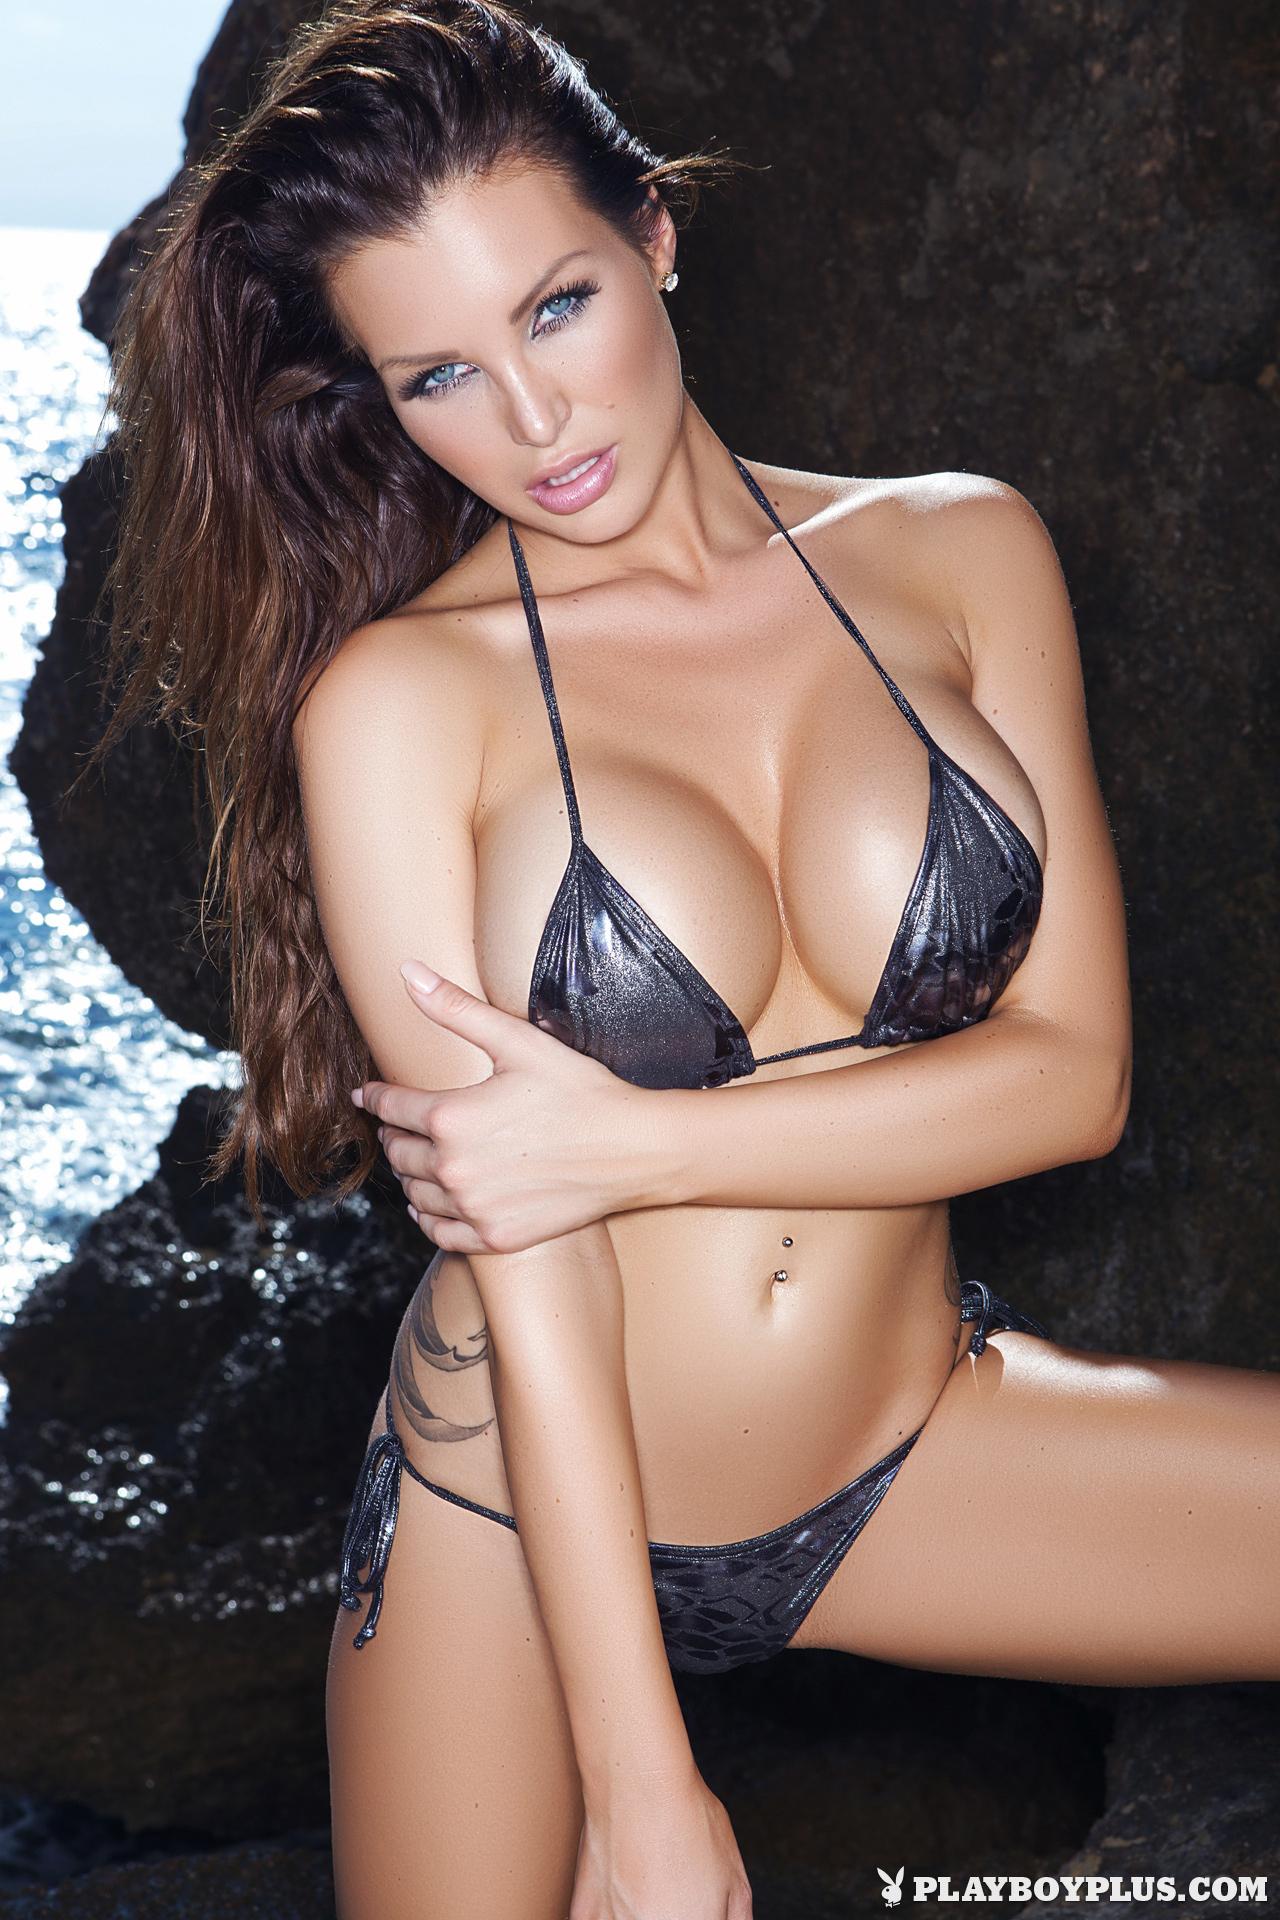 Playboy Cybergirl Helen de Muro posing on rocks